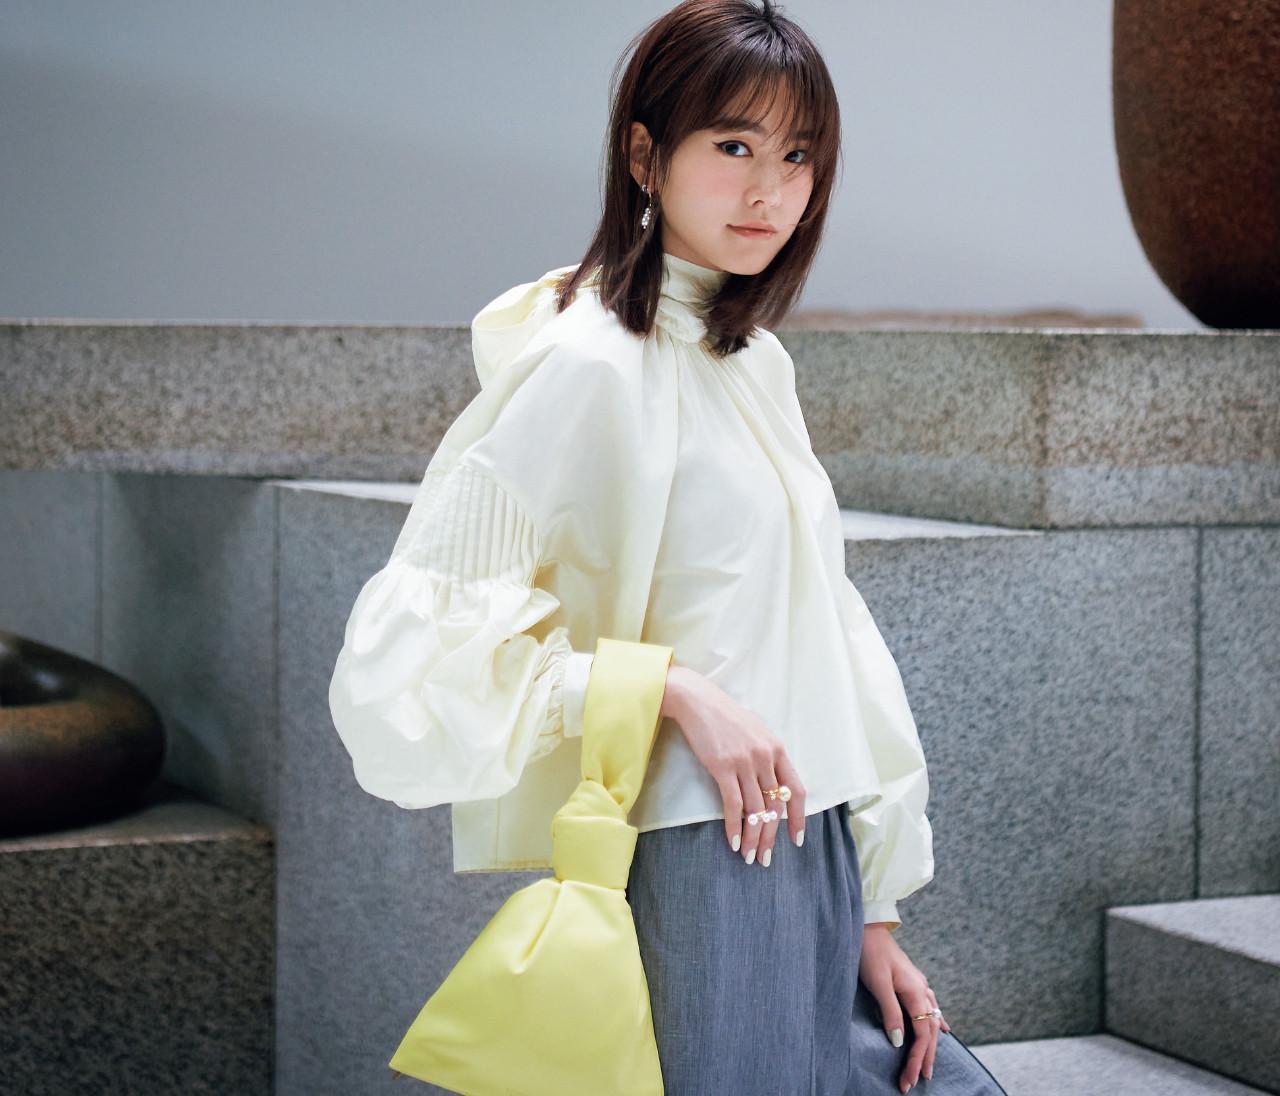 【桐谷美玲】大人っぽく着るやわらかイエローのショートパンツコーデ